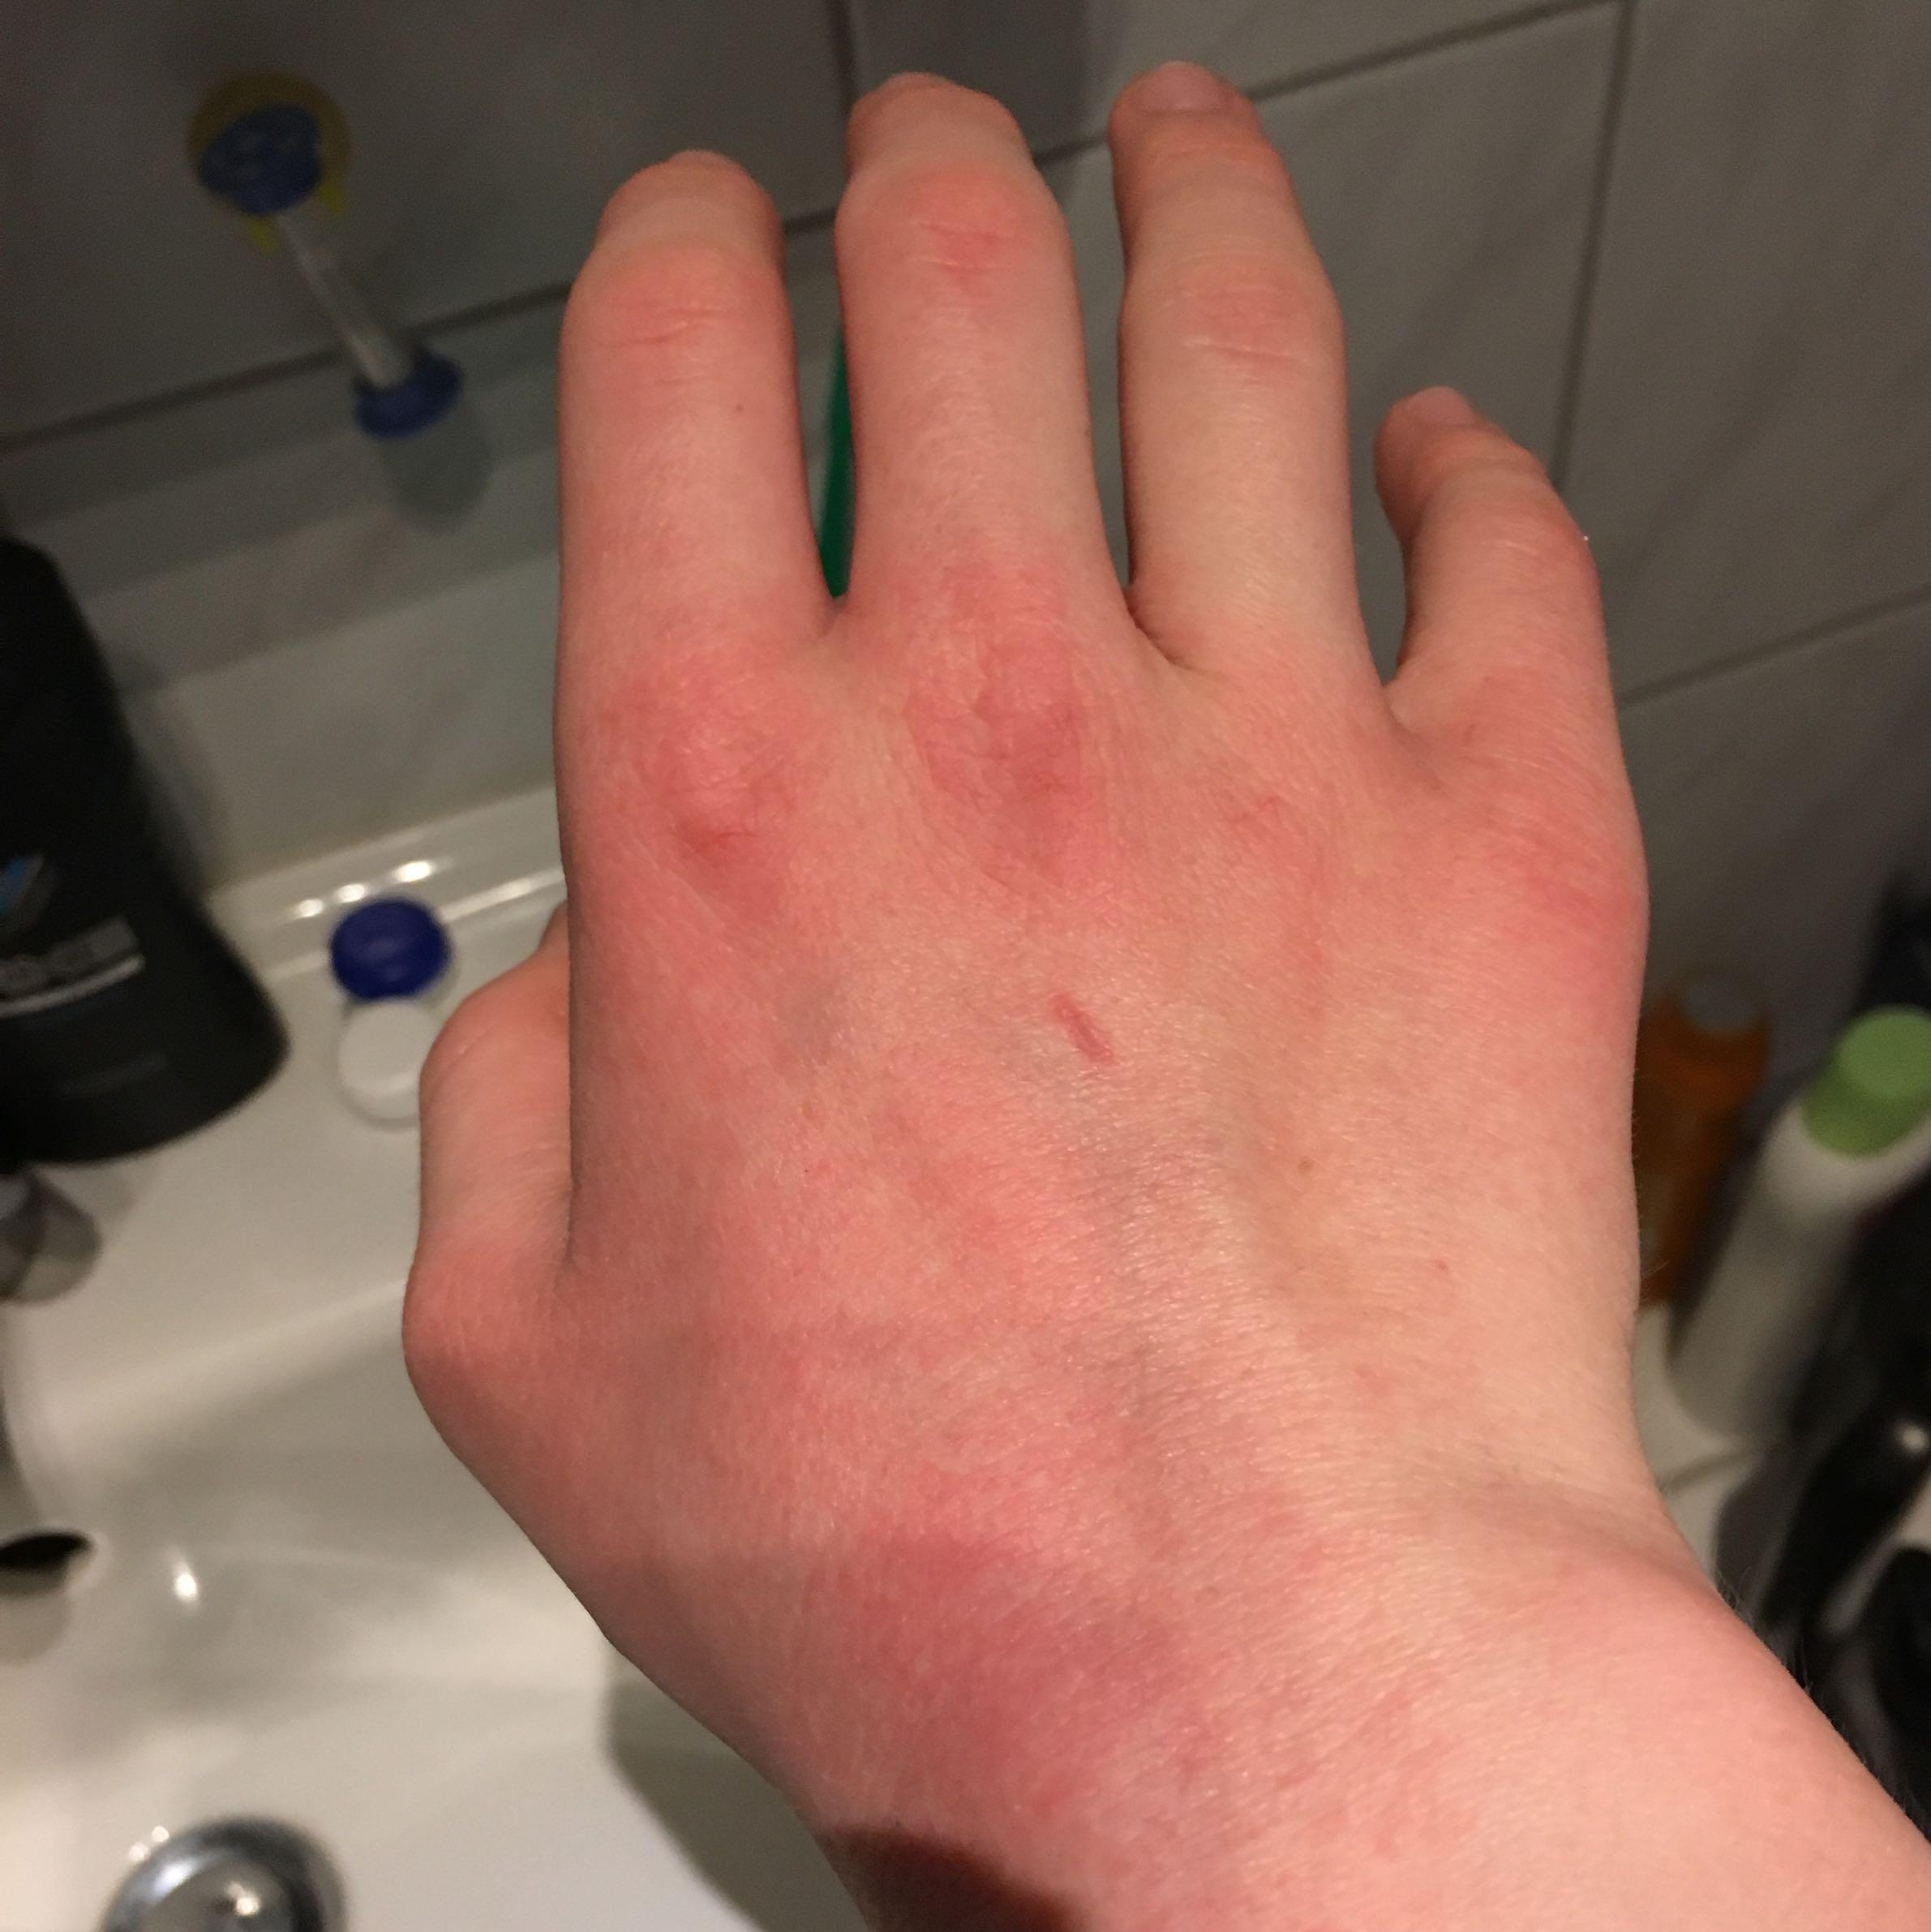 allergie - winter handcreme? (gesundheit, medizin, ausschlag)